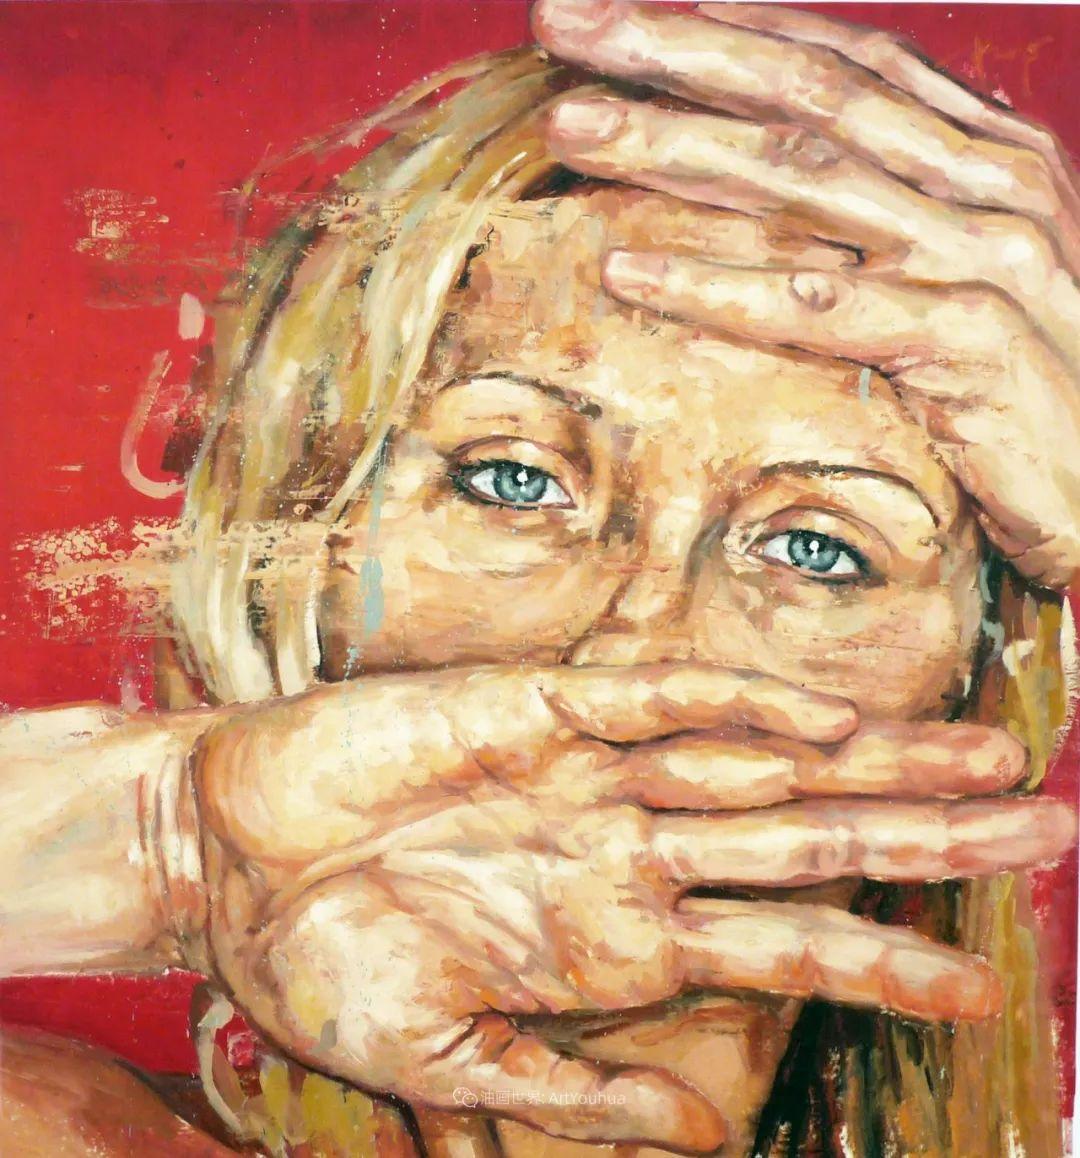 完美的缺陷,哥伦比亚艺术家塞萨尔·比奥乔画选插图59